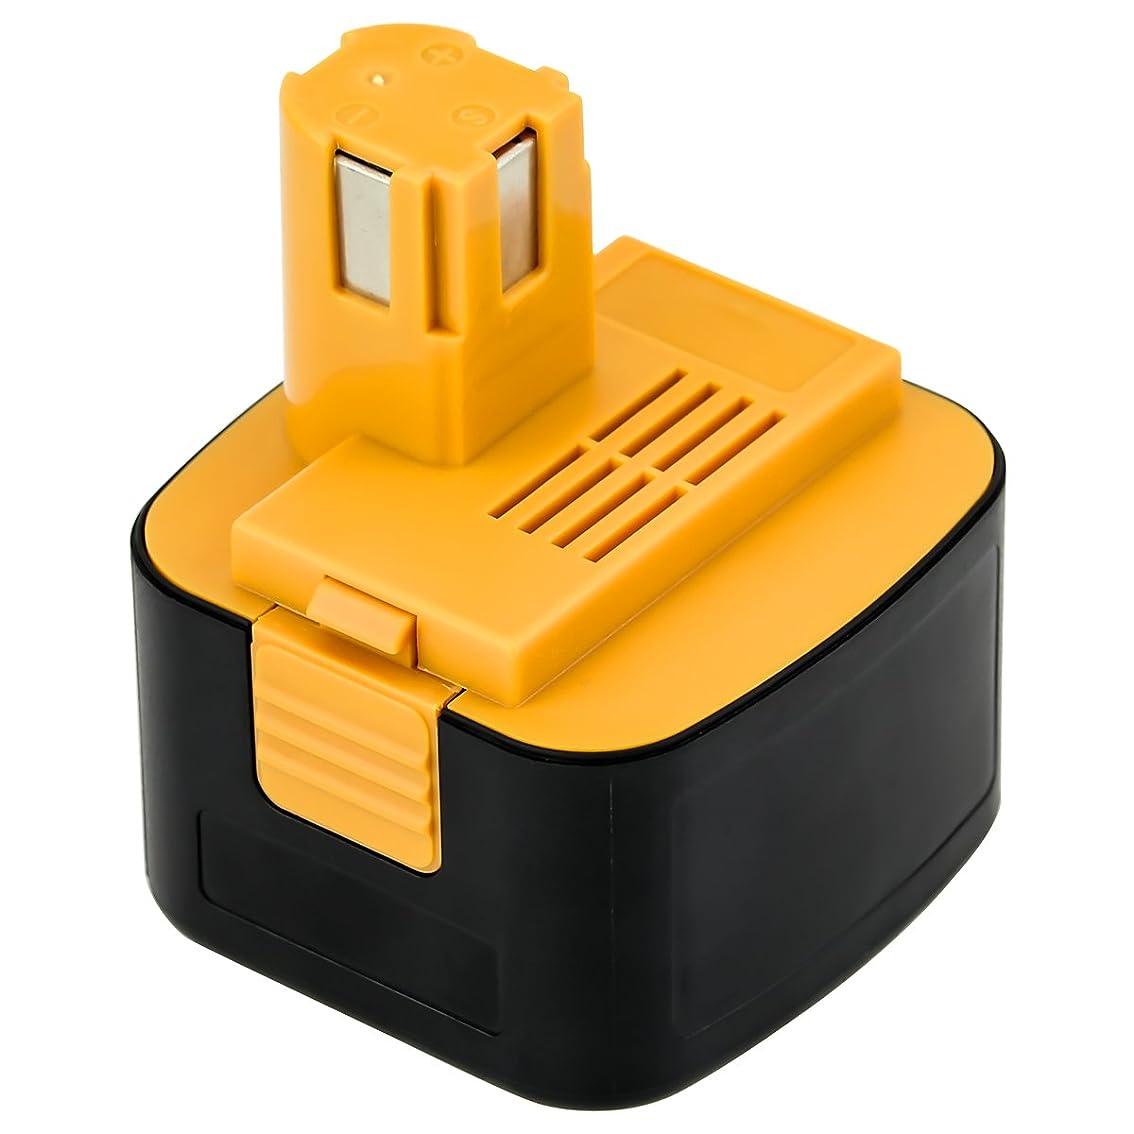 アトミックスロットからかう改良版 パナソニック12vバッテリー ezt901バッテリー パナソニック互換12vバッテリーEZ9200 3000mAh EZ9108(S) EY9200(B) EY9201(B) EZ9001 EZT901 パナソニック12v など対応 ニッケル水素電池